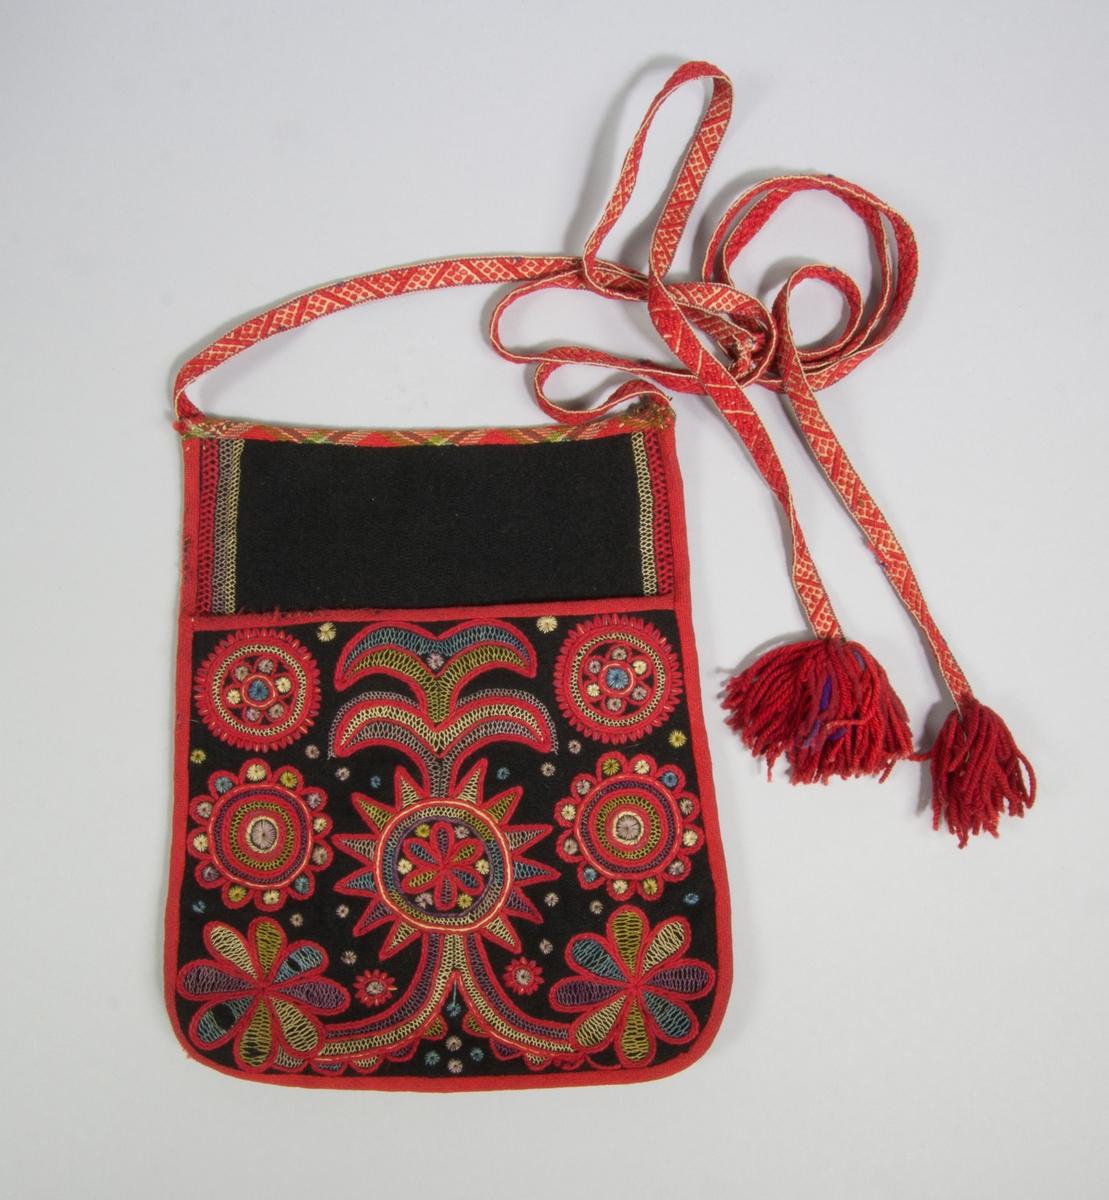 Kjolsäck till dräkt för kvinna från Bjursås socken, Dalarna. Modell med avskuret framstycke. Tillverkad av svart ylletyg, vadmal, med broderi av rött ullgarn och silkegarn i flera färger: stjälksöm, flätsöm, sticksöm. Motiv: med stjälksöm sydd centralt placerad blomma med uppstigande parvisa blad och nedtill slingor med blommor, på sidorna parvis två olika blommor, utfyllnadssömmar av flätsöm och sticksöm. Överstycket av svart vadmal med kantbroderi av flätsöm. Framstycket fodrat med linnetyg i tuskaft, eventuellt sekundärt. Kantat med rött diagonalvävt ylleband, utom överkanten som har ett rutigt diagonalvät band. Bakstycke av handvävt linnetyg, kypert. Knytband handvävda, med plockat mönster av rött ullgarn på vit botten, i var ände en tofs av rött ullgarn med lite lila garn.